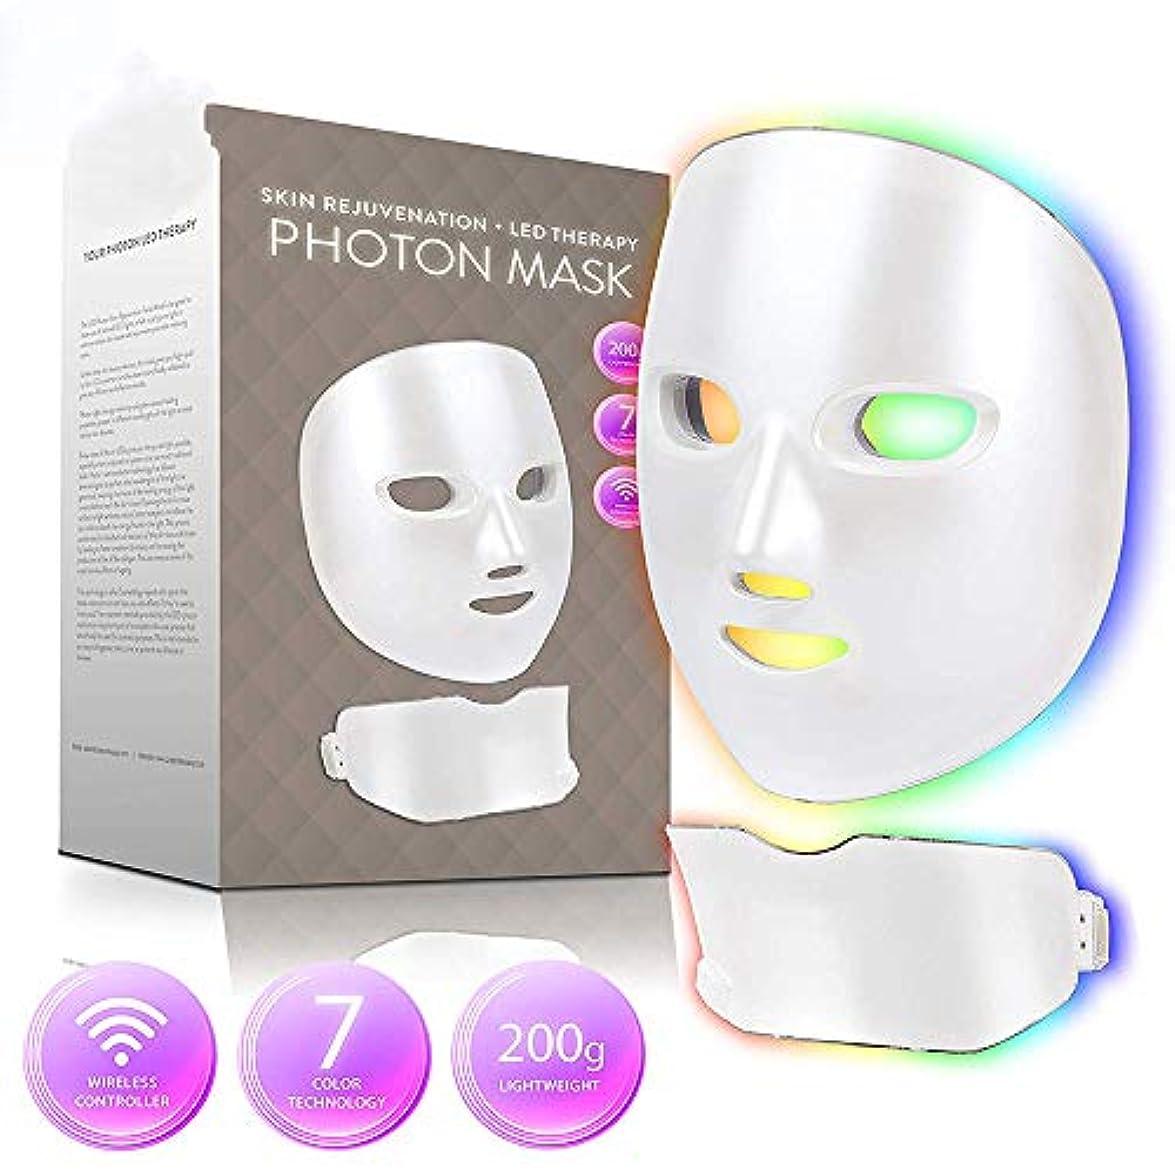 コンパス顕現電圧7色の顔、最良の効果ネックフォトンライト肌の若返りセラピーフェイシャル?スキンケアワイヤレスマスクをマスクLED、スキントーニングしわのためのLEDライトが削除します